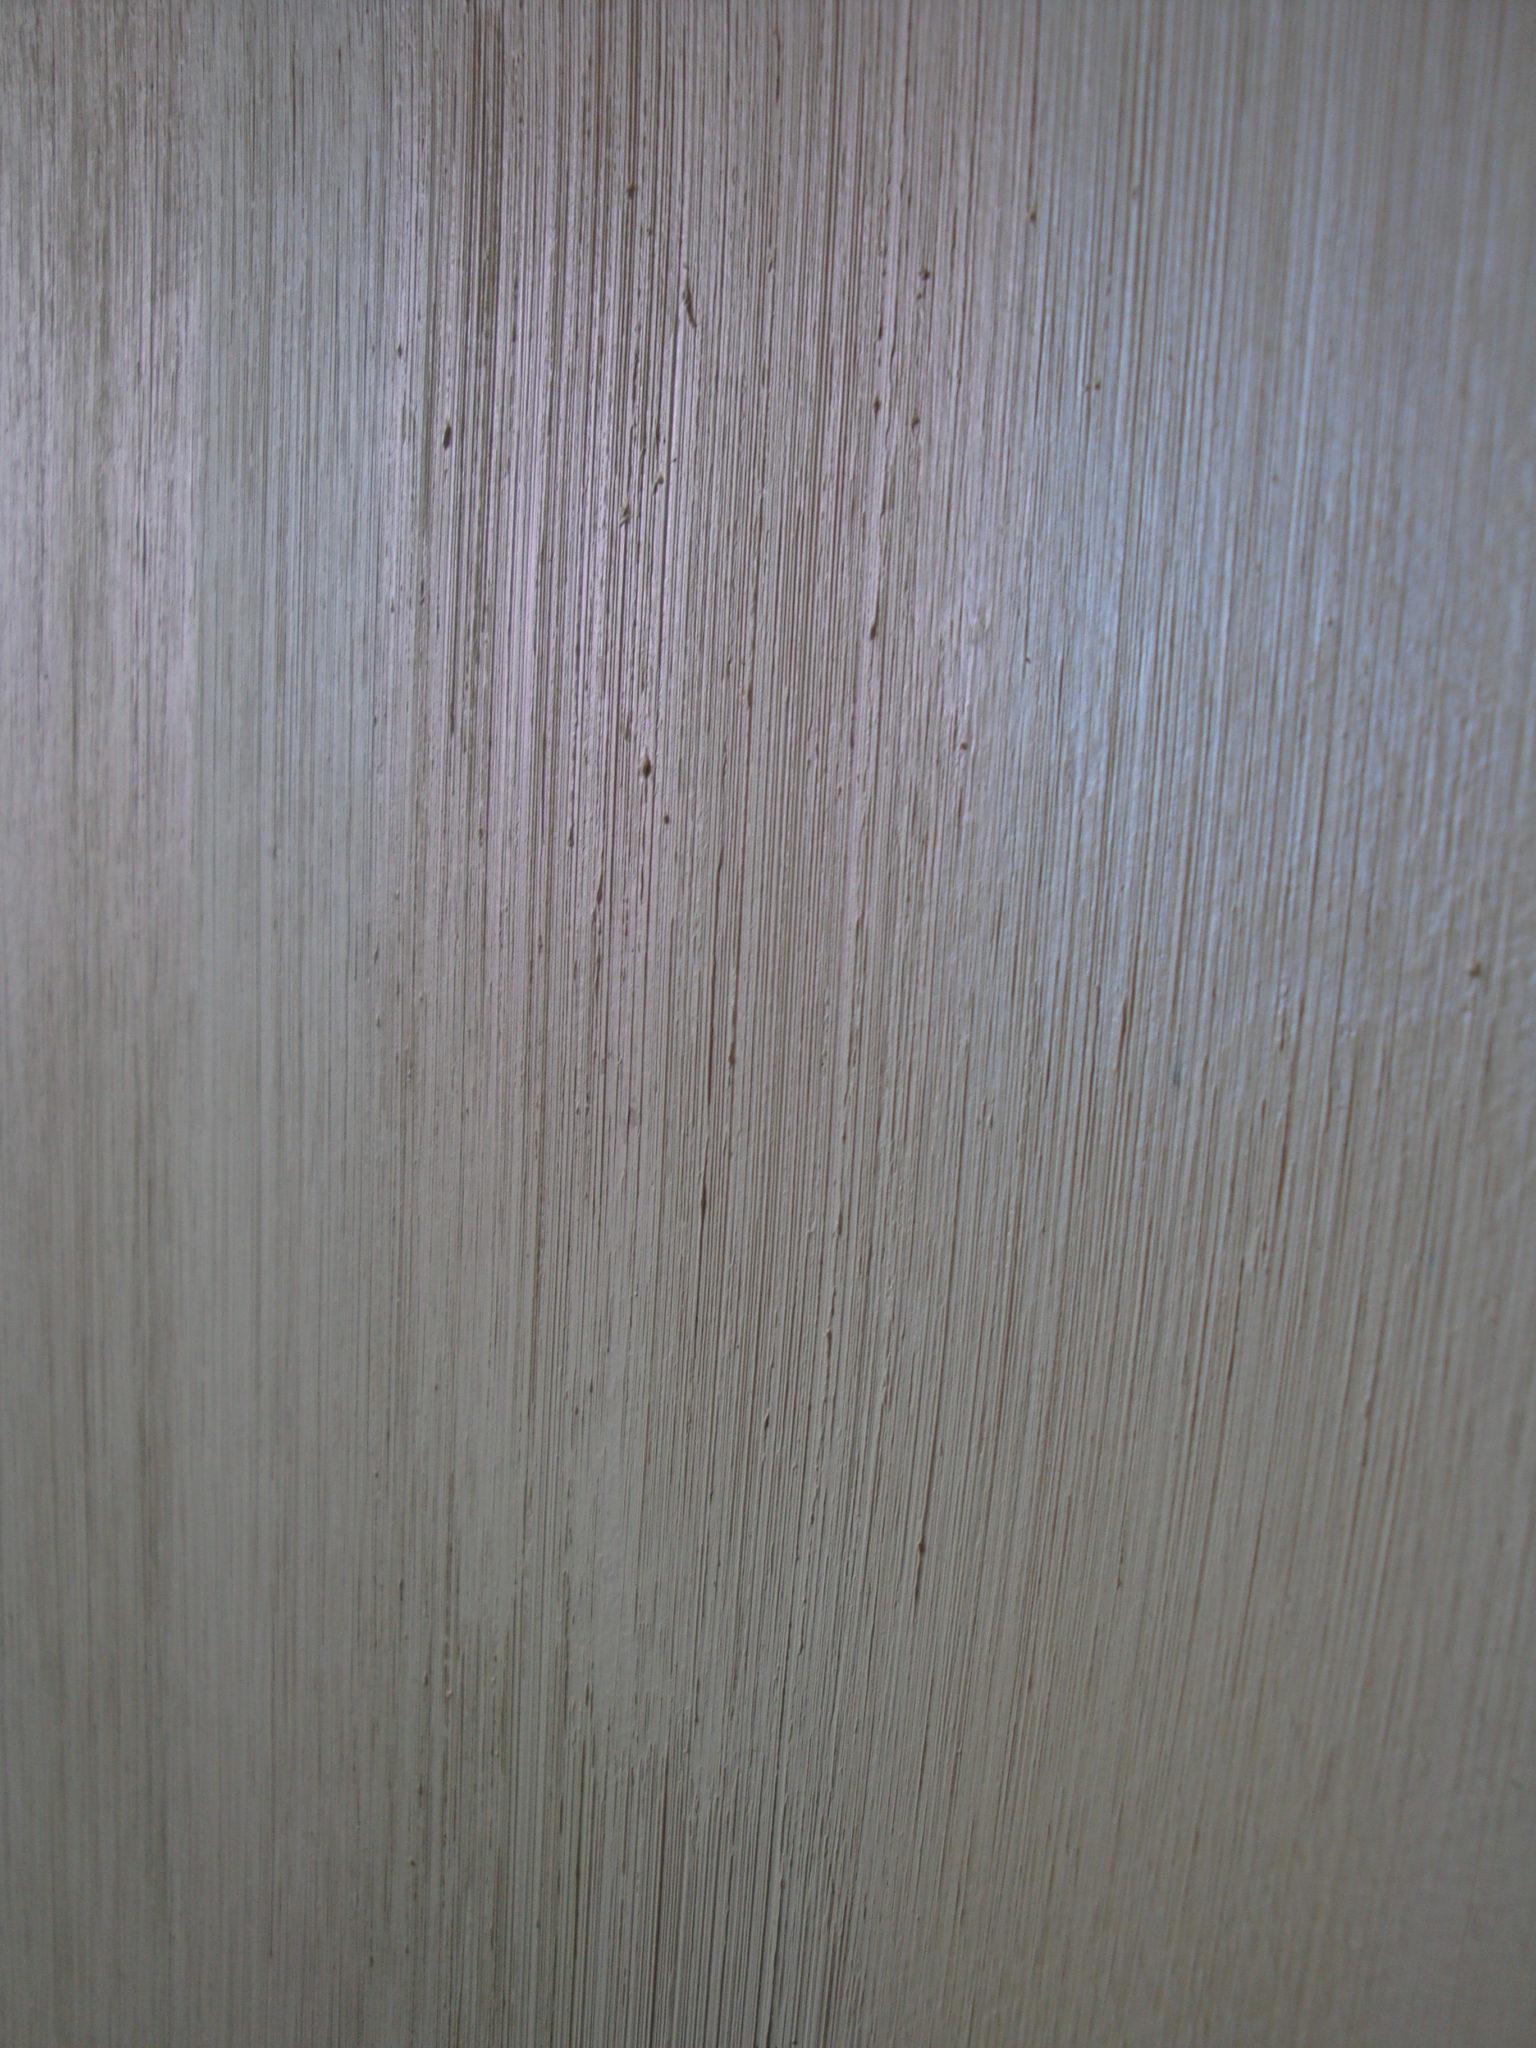 15 benjamin moore paints silk effect wall decorating home decor ideas interior design malowanie scian urzadzanie mieszkania projwktowanie wnetrz pomysly do domu sciana z dzinsu jeans wall